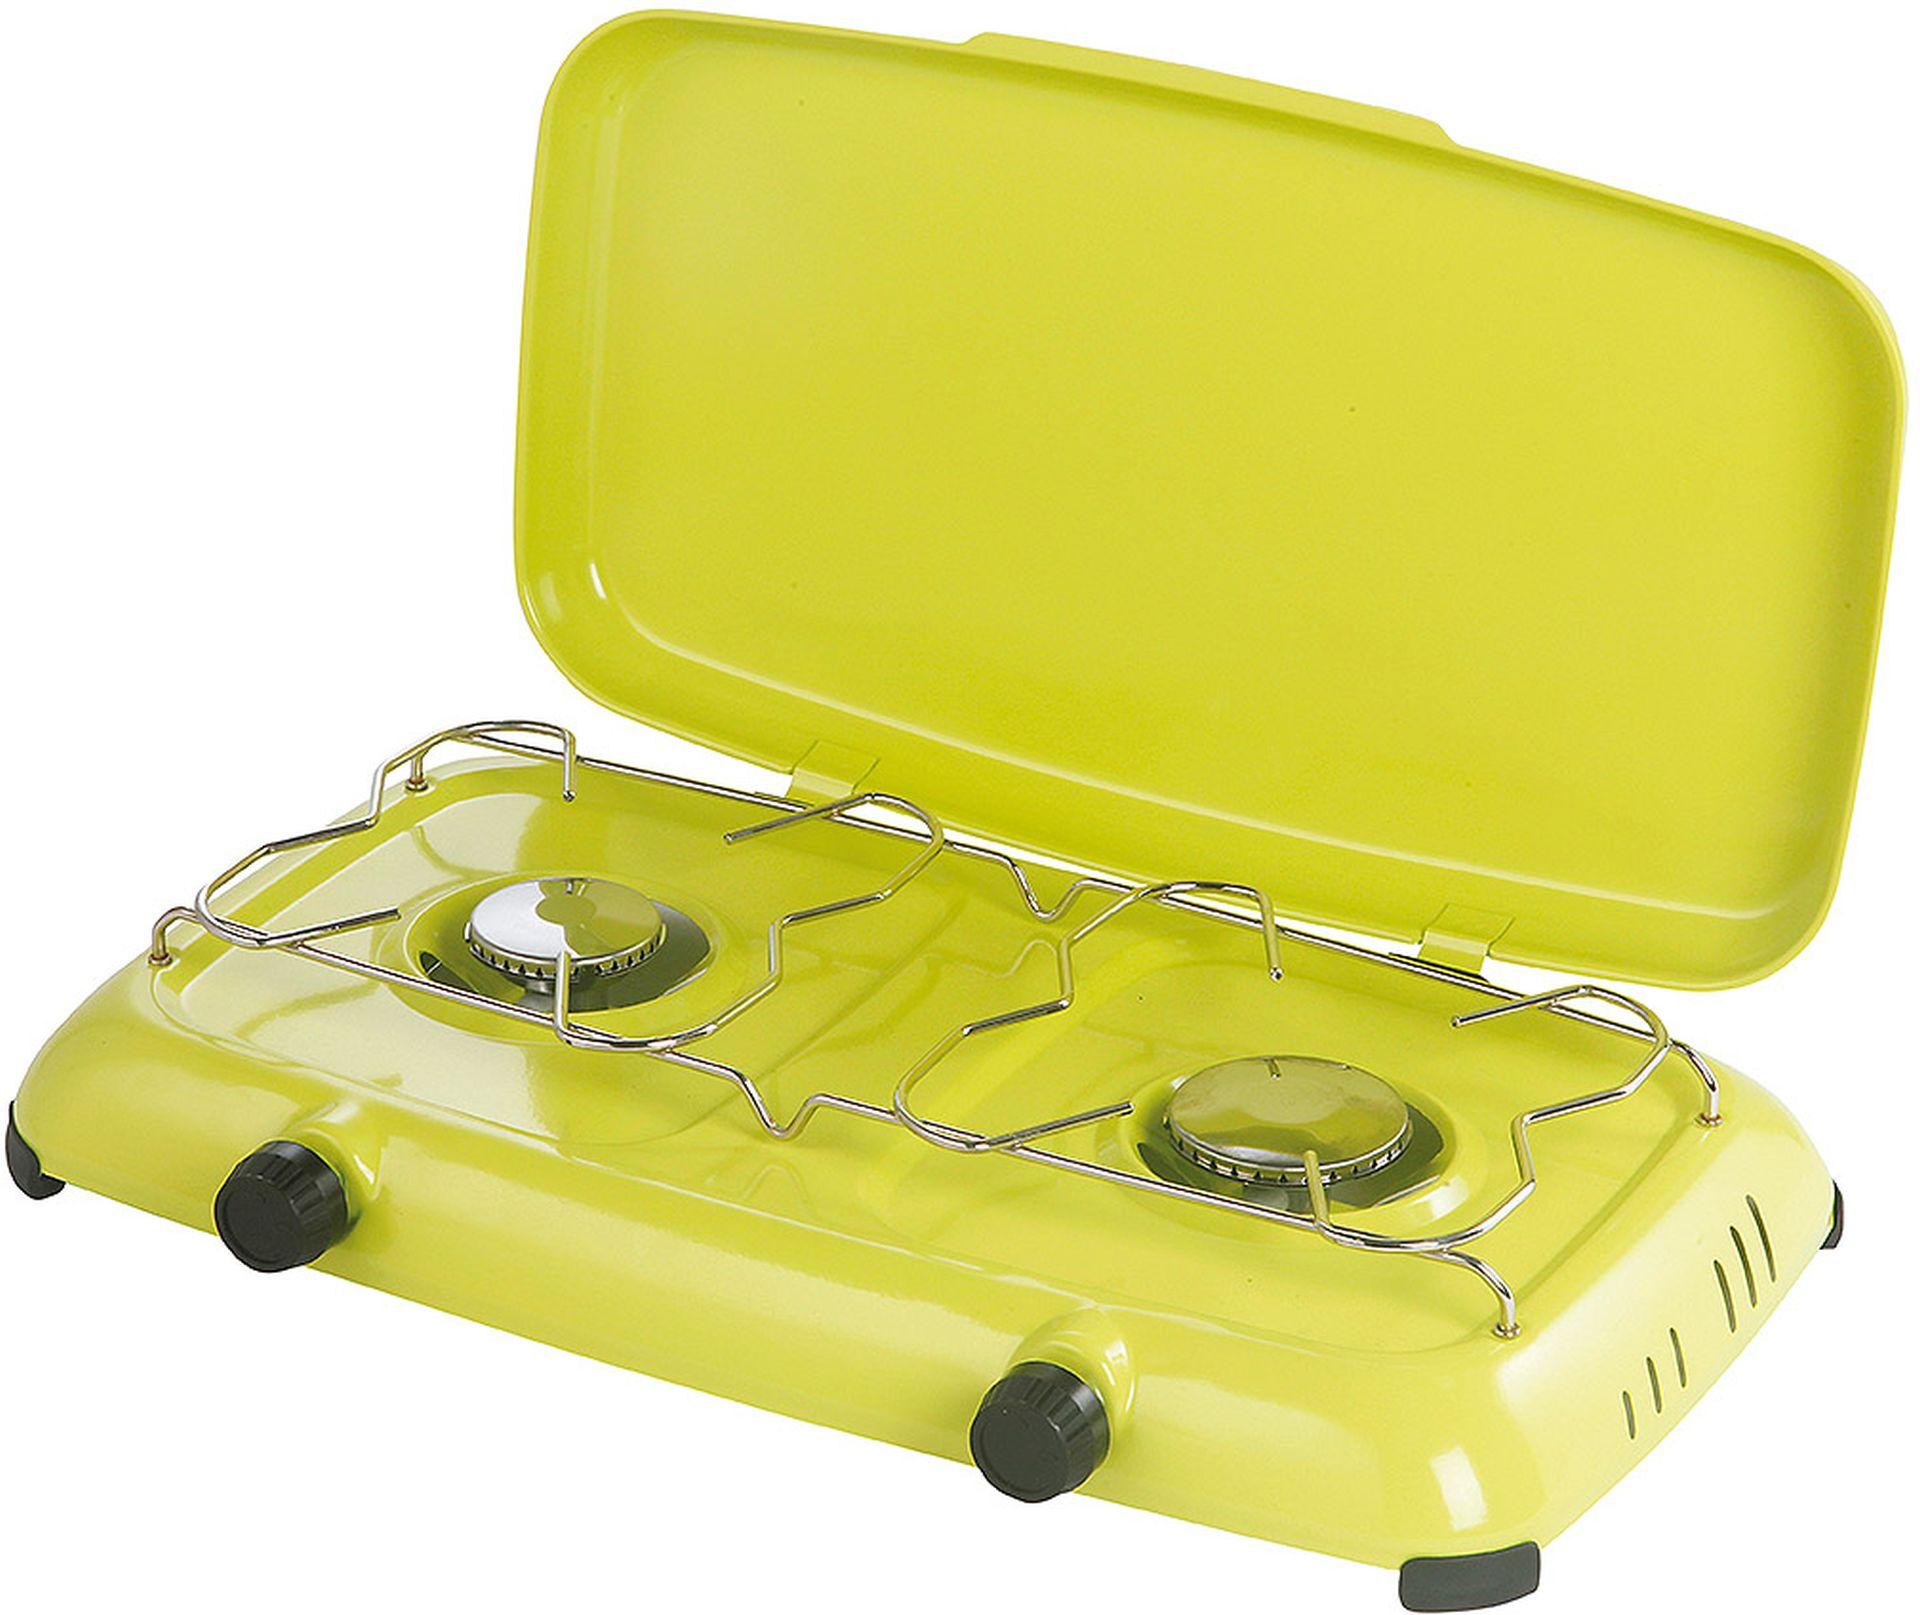 MEVA plynový vařič ORLÍK, 2 hořáky s víkem, nízkotlaký, zelený 2317